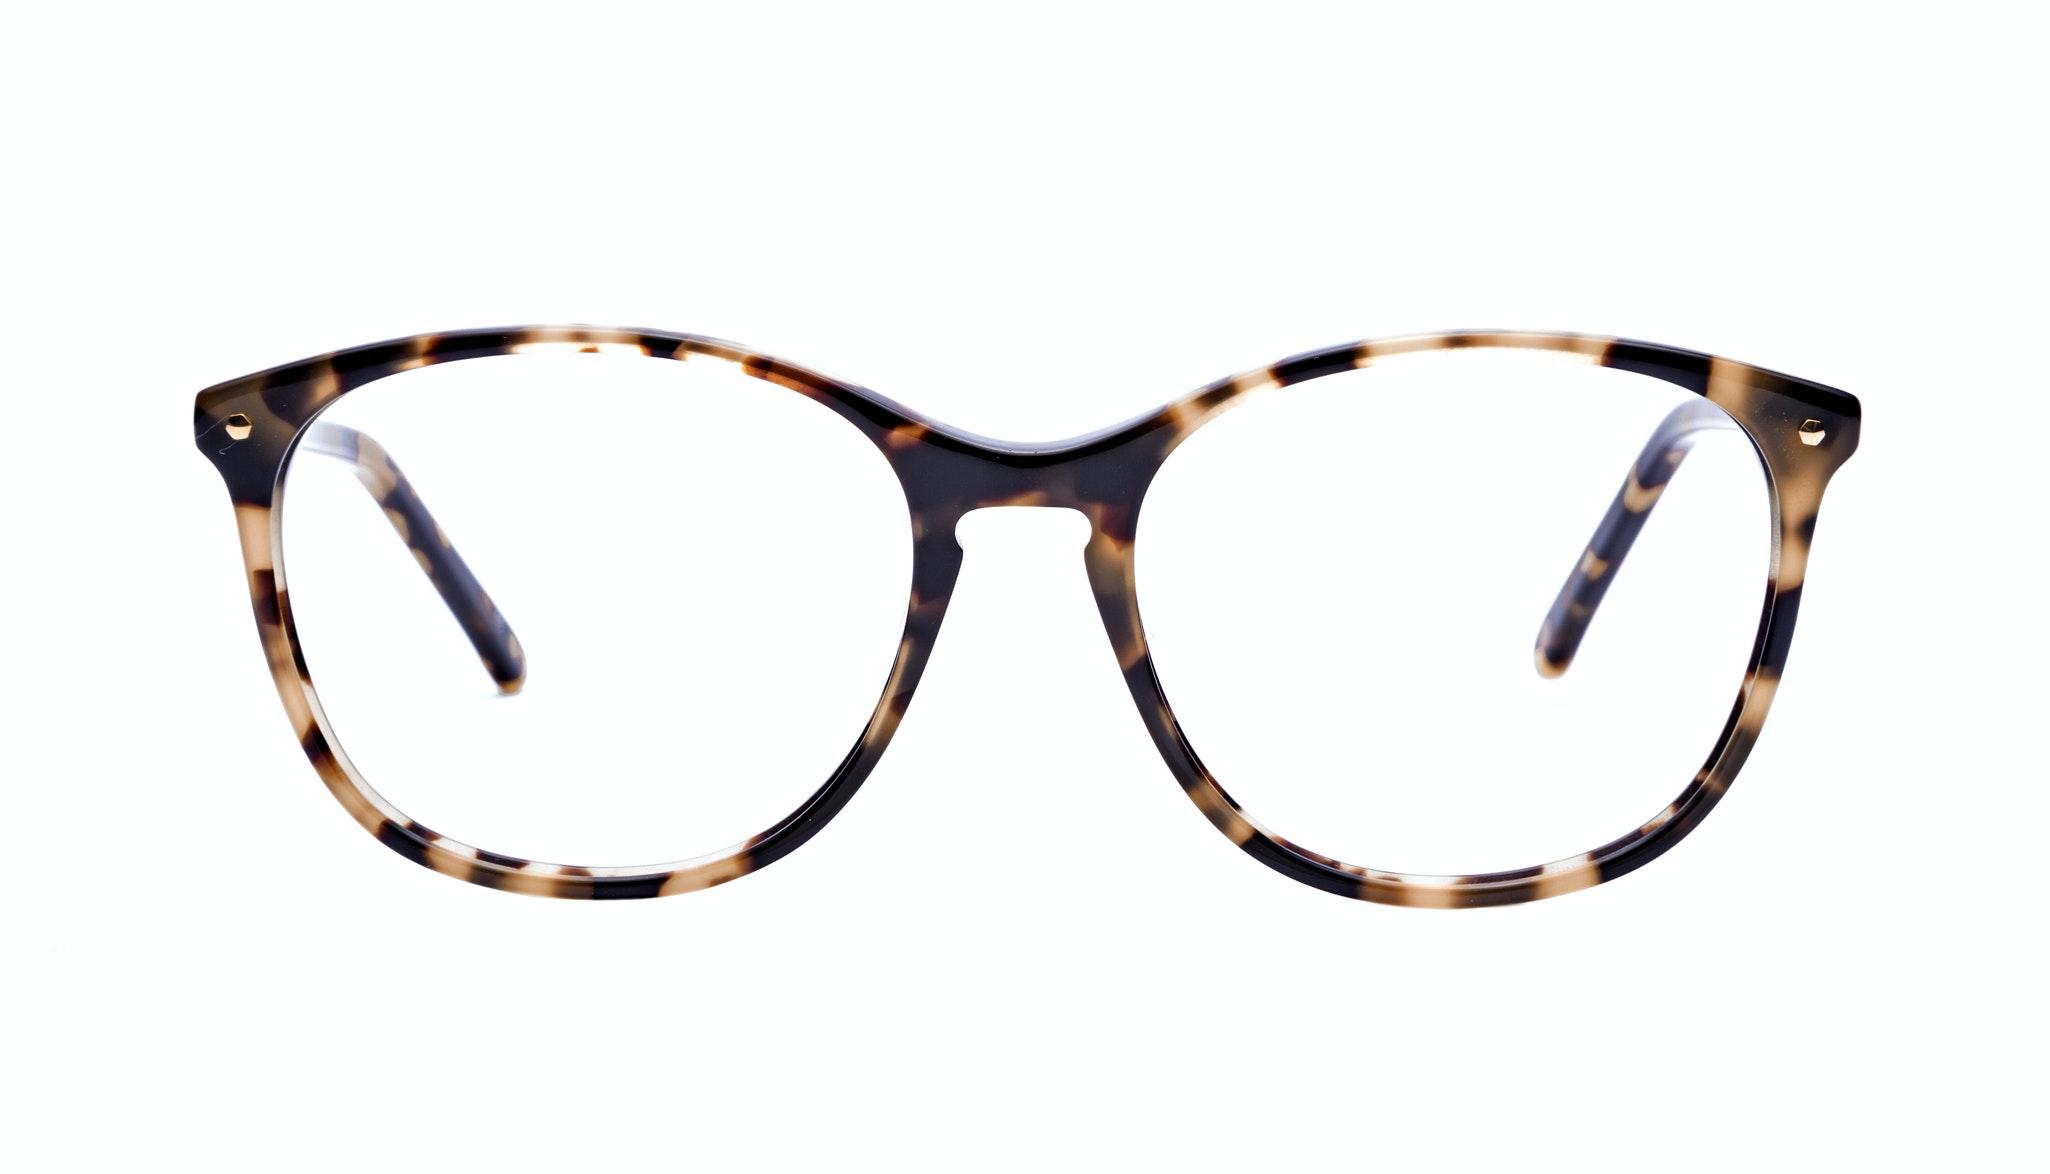 Affordable Fashion Glasses Rectangle Square Round Eyeglasses Women Nadine Bingal